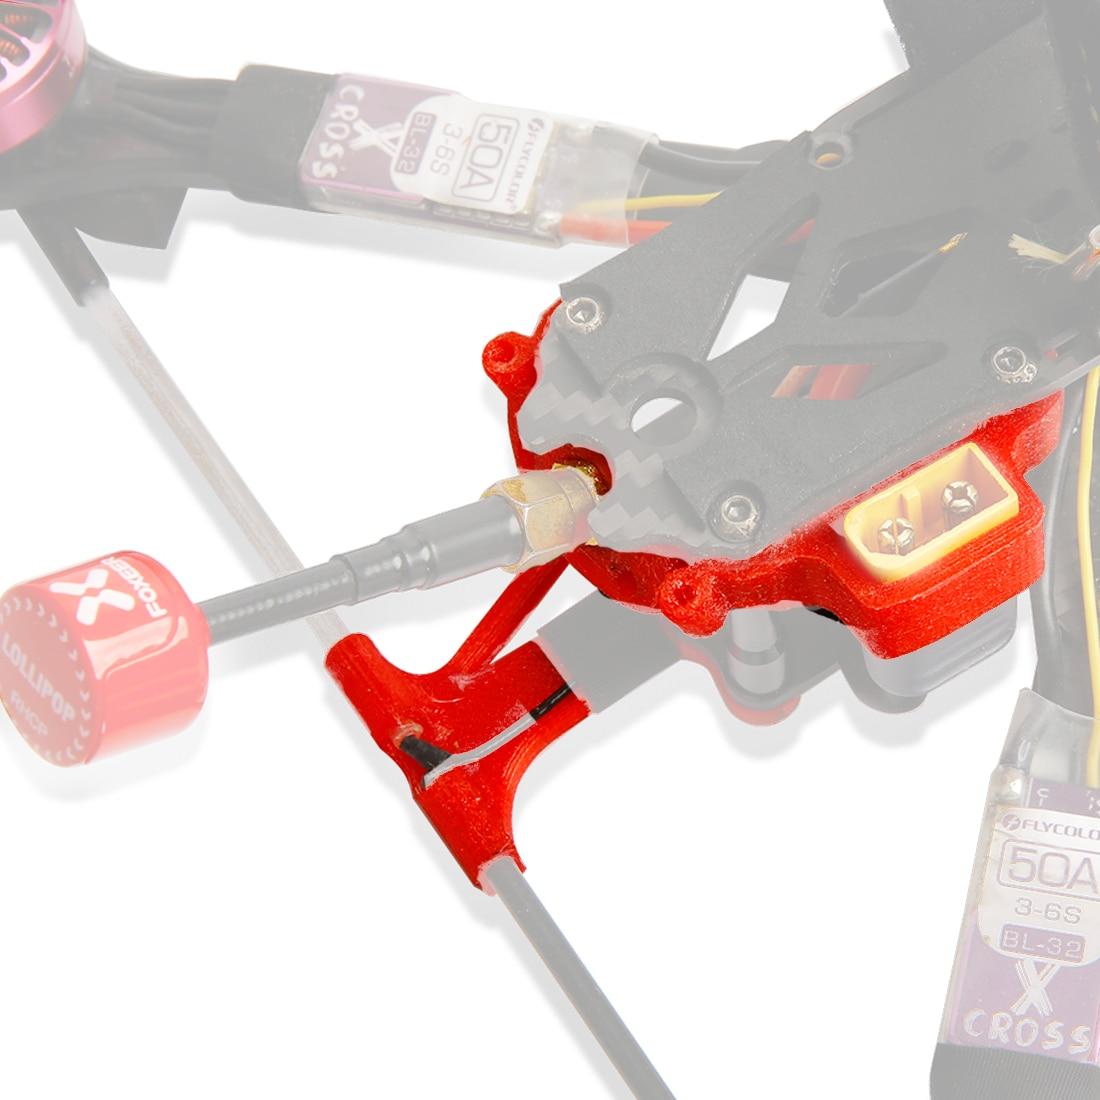 JMT 3D impreso TPU 45 grados cola antena montaje protección asiento para iFlight XL/HL ih3 iX5 V3 marco DIY FPV Dron de carreras